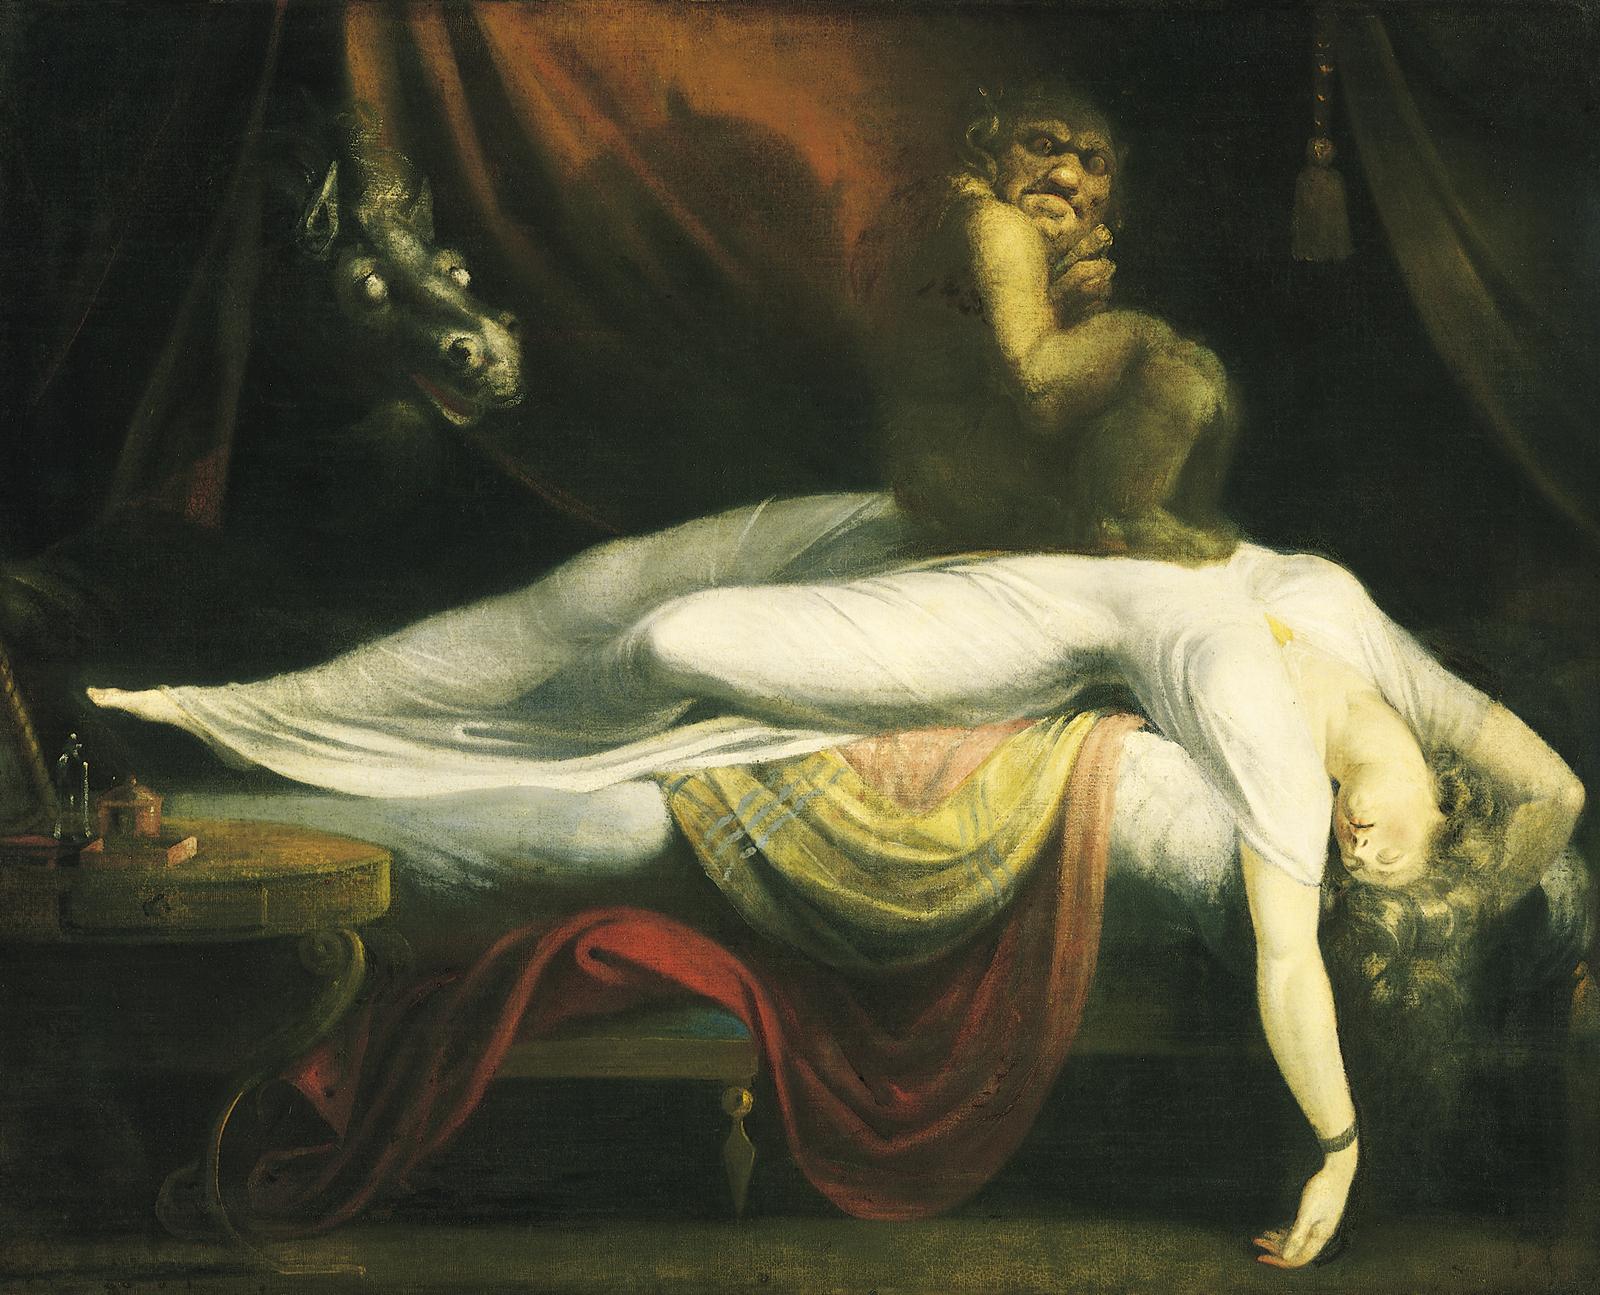 reading thru diane di primas dinners and nightmares part 2 nightmares